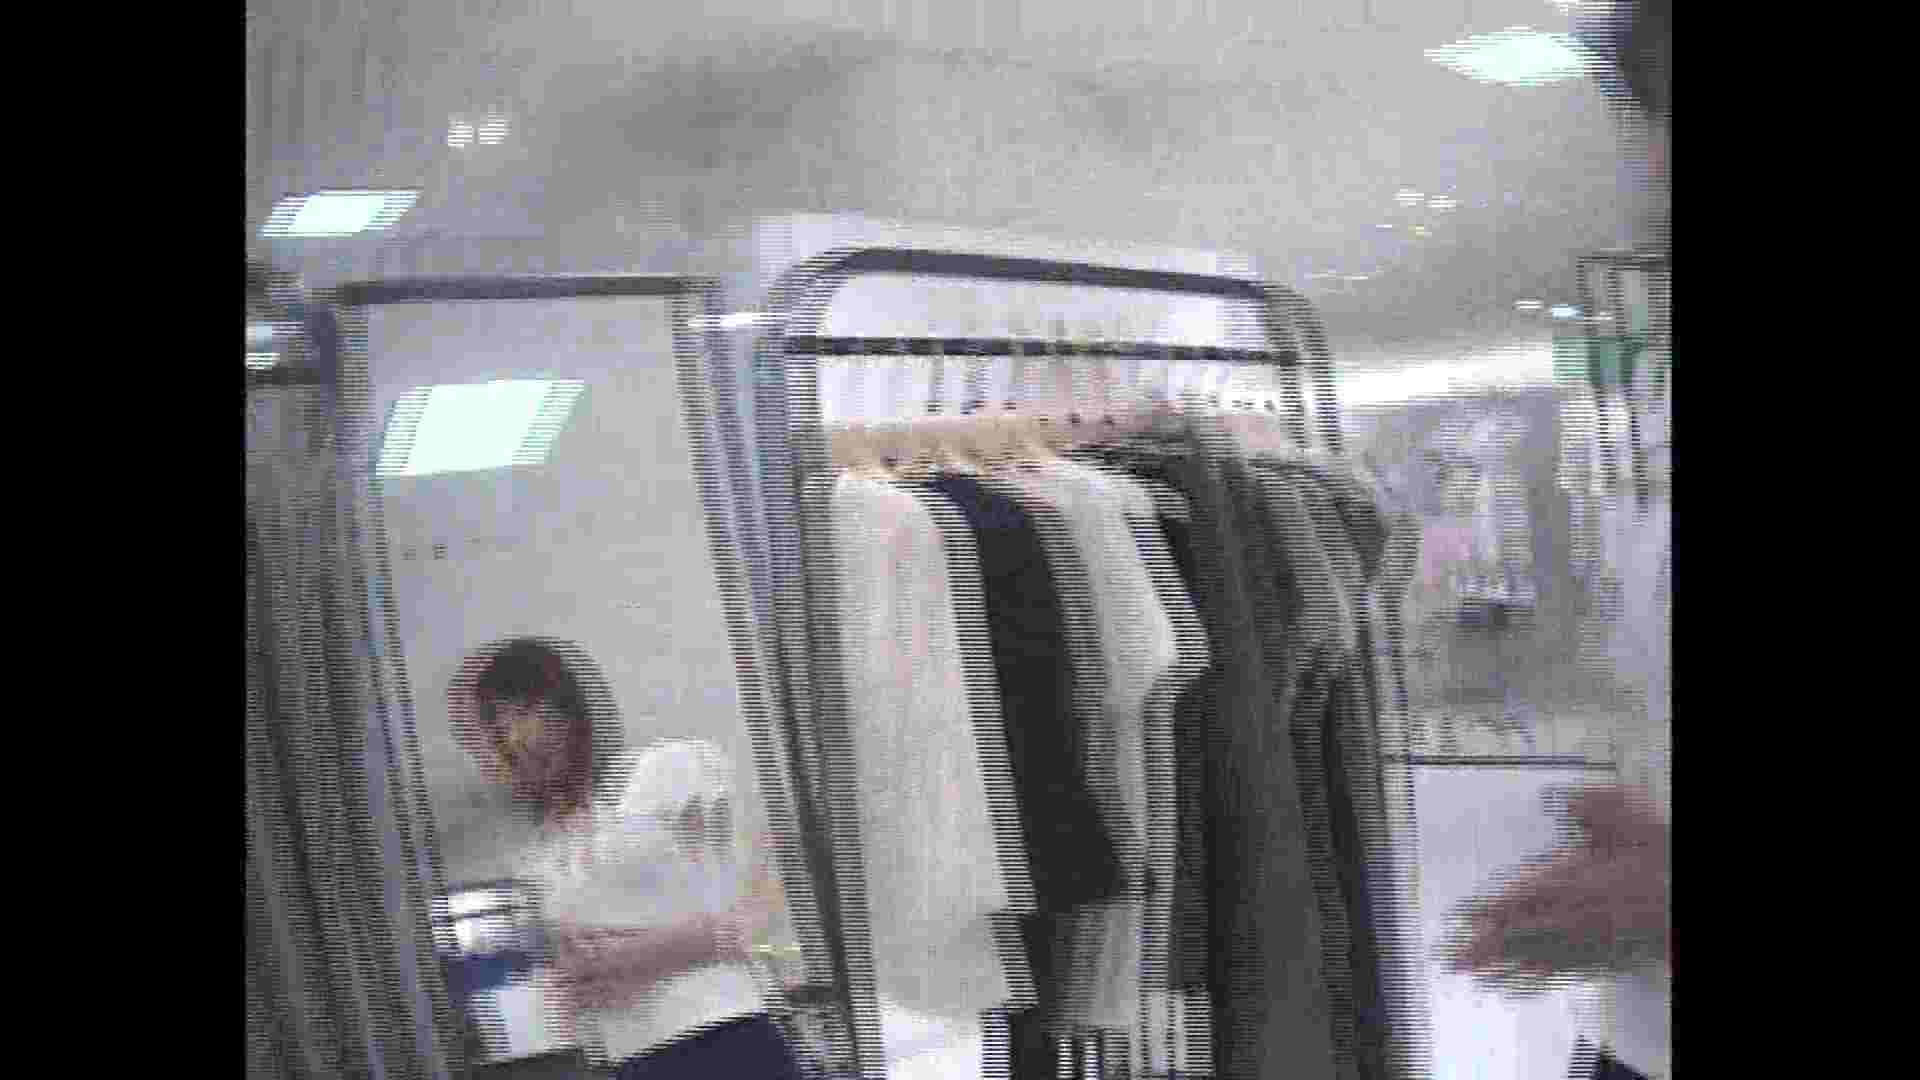 働く美女の谷間参拝 Vol.06 OLの実態 盗撮われめAV動画紹介 36pic 14